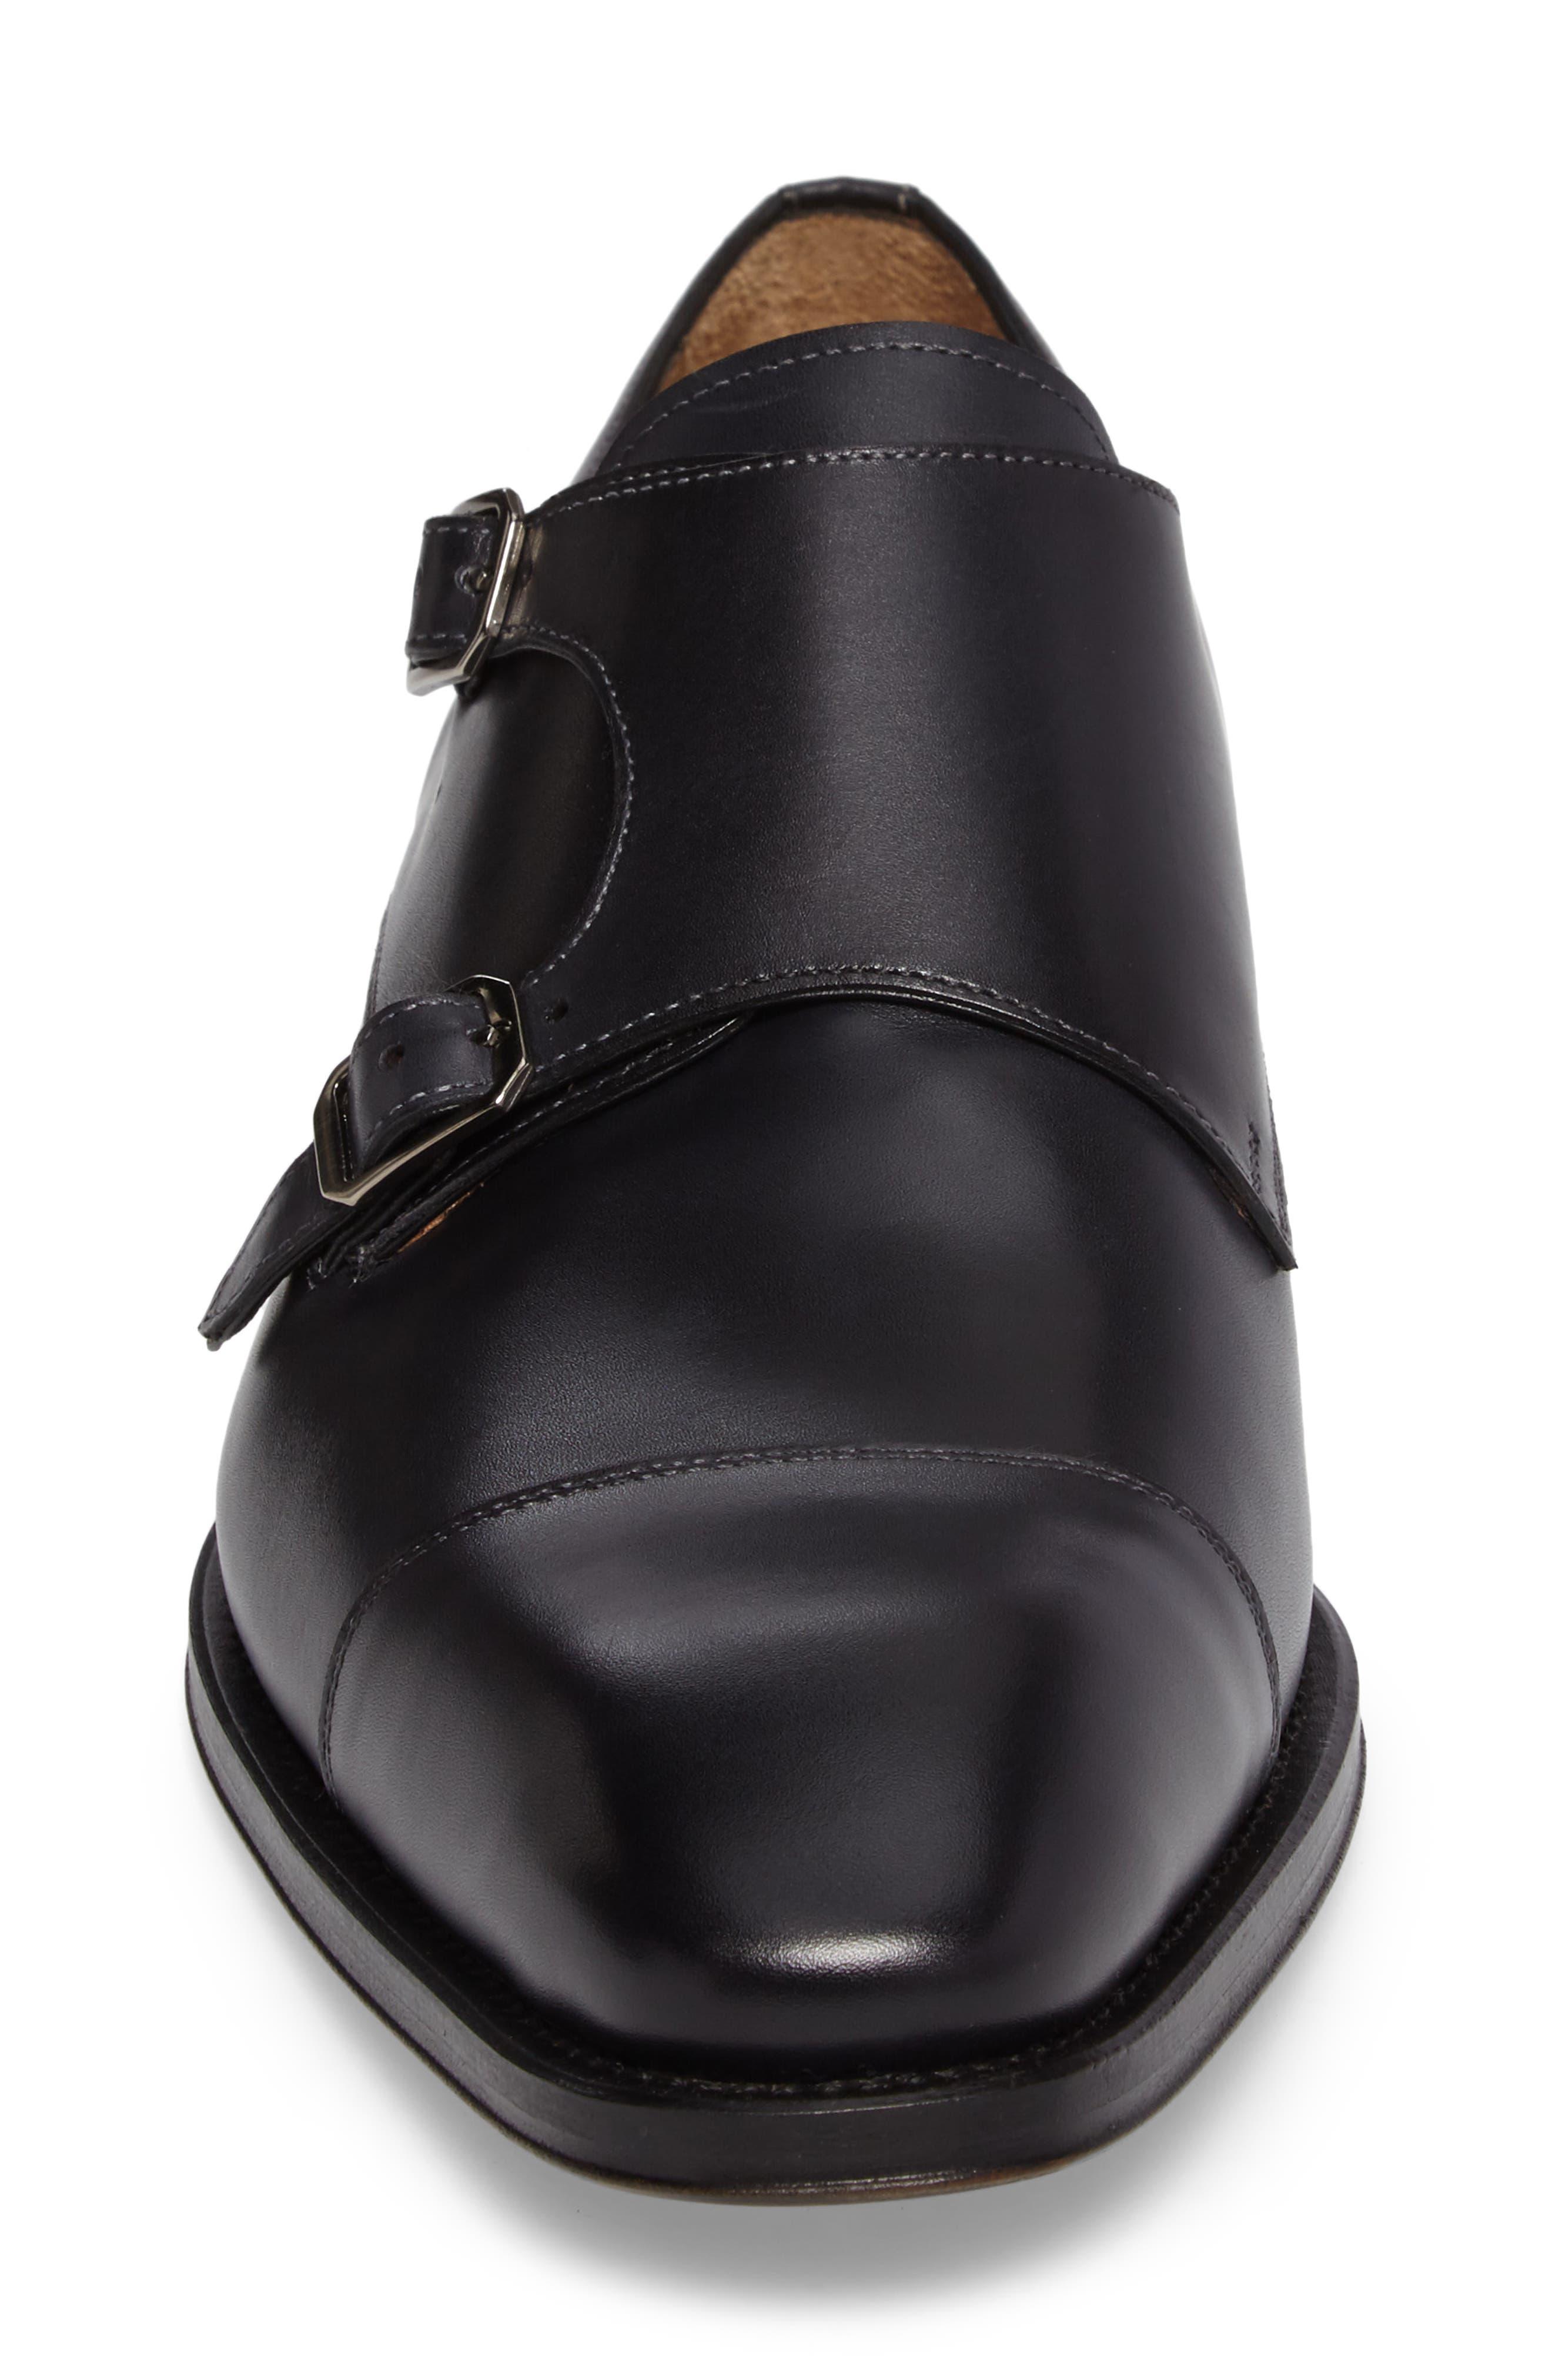 Cajal Double Monk Strap Cap Toe Shoe,                             Alternate thumbnail 4, color,                             001